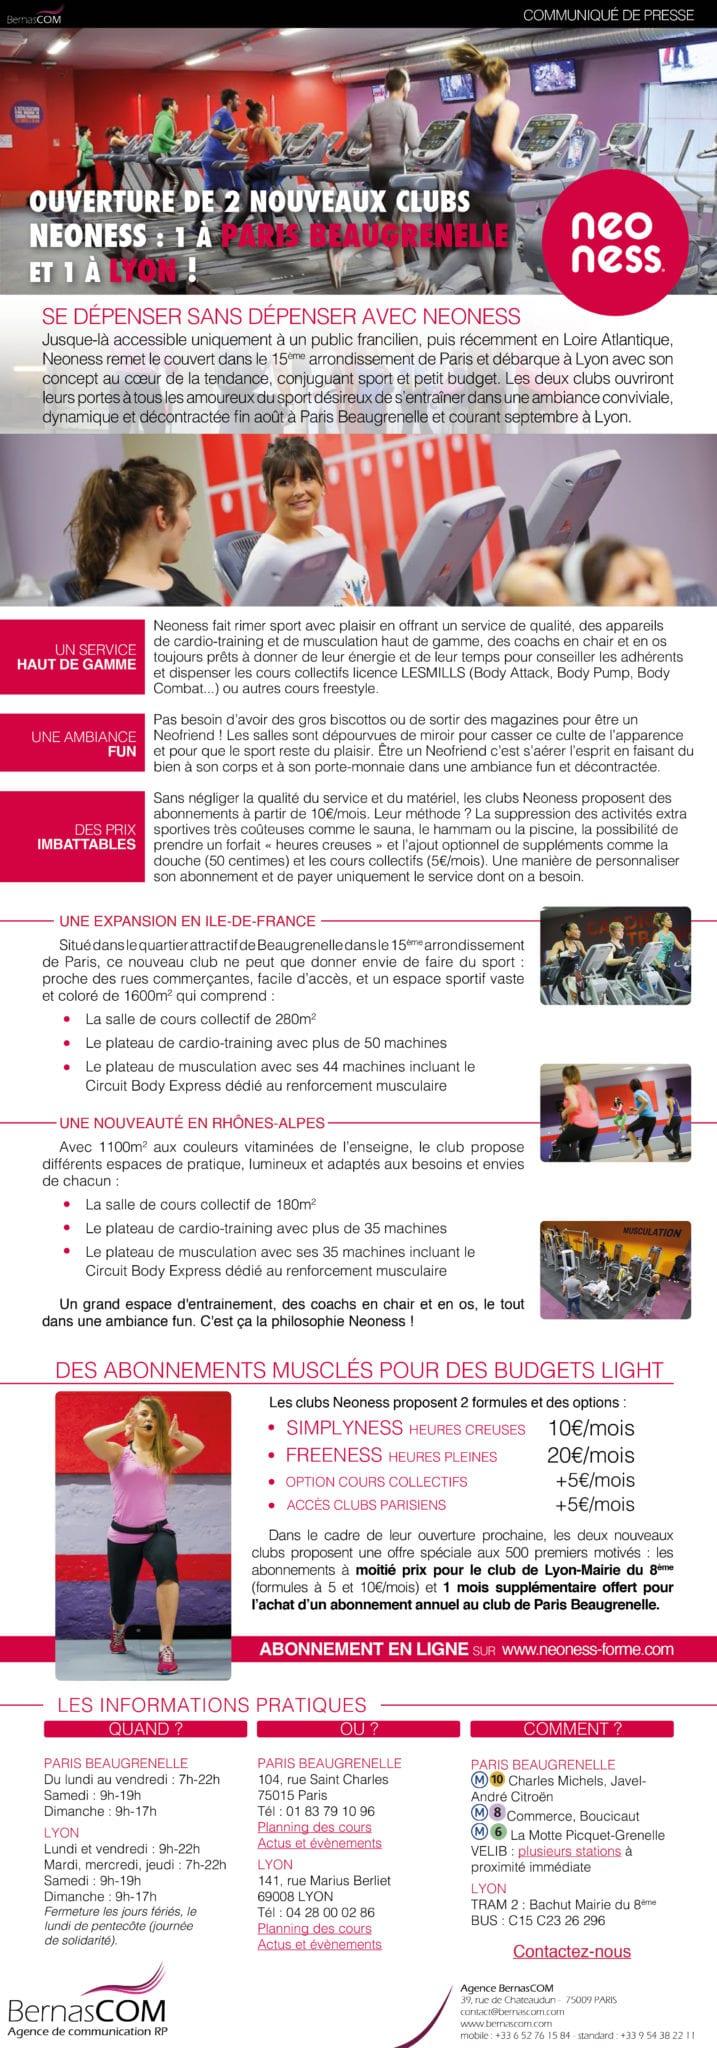 NEONESS_CP-Ouverture-Club-Lyon-Et-Paris-Beaugrenelle